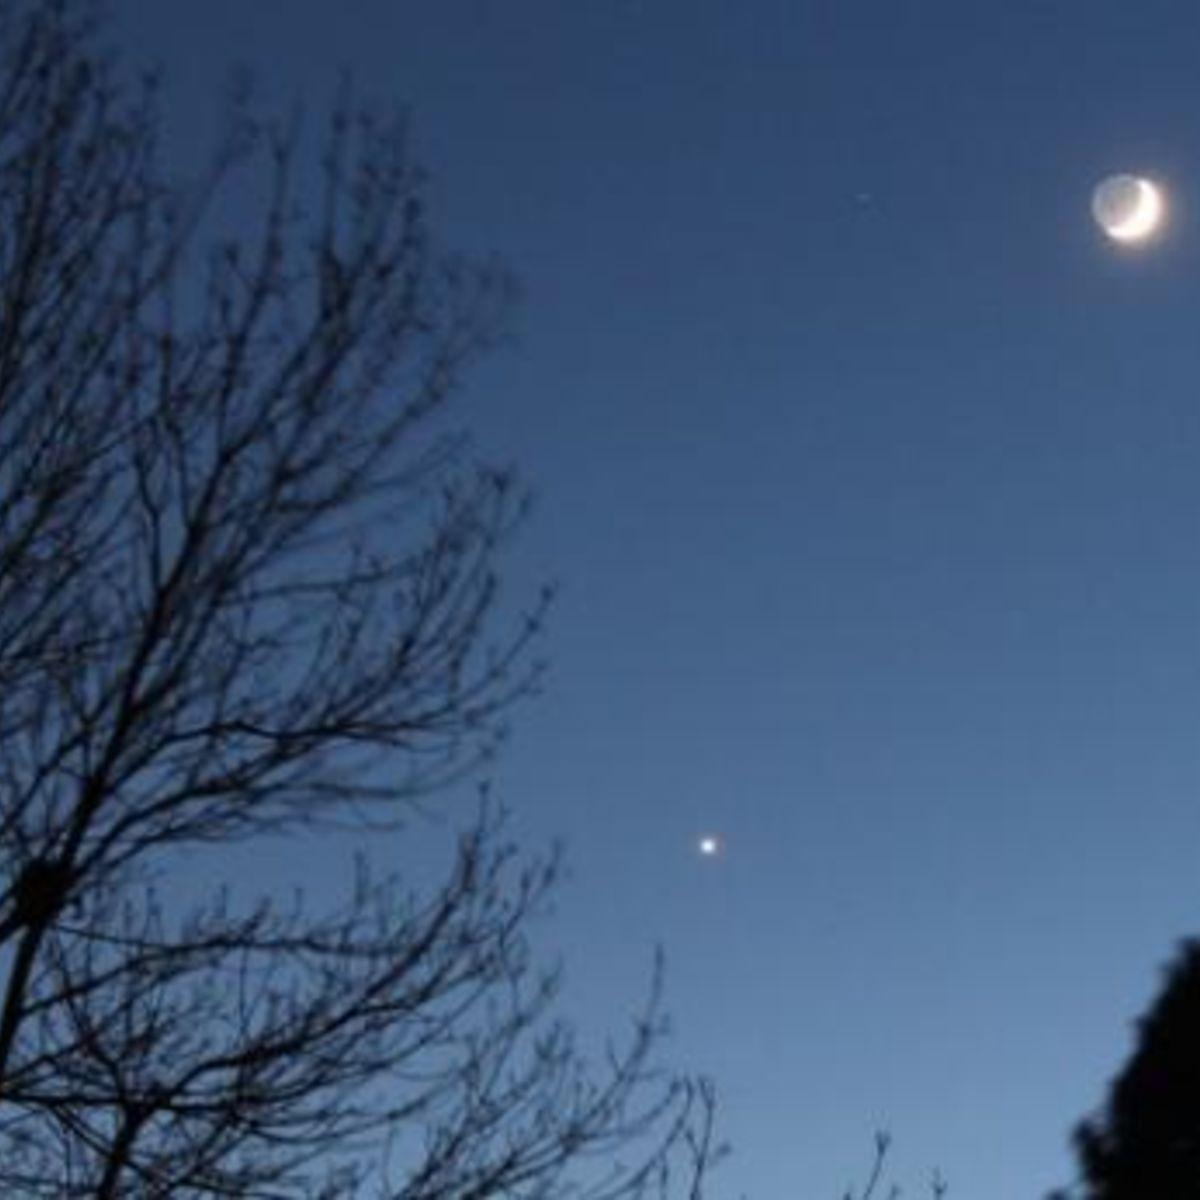 moon_venus_nov2013_1_590.jpg.CROP.rectangle-large.jpg